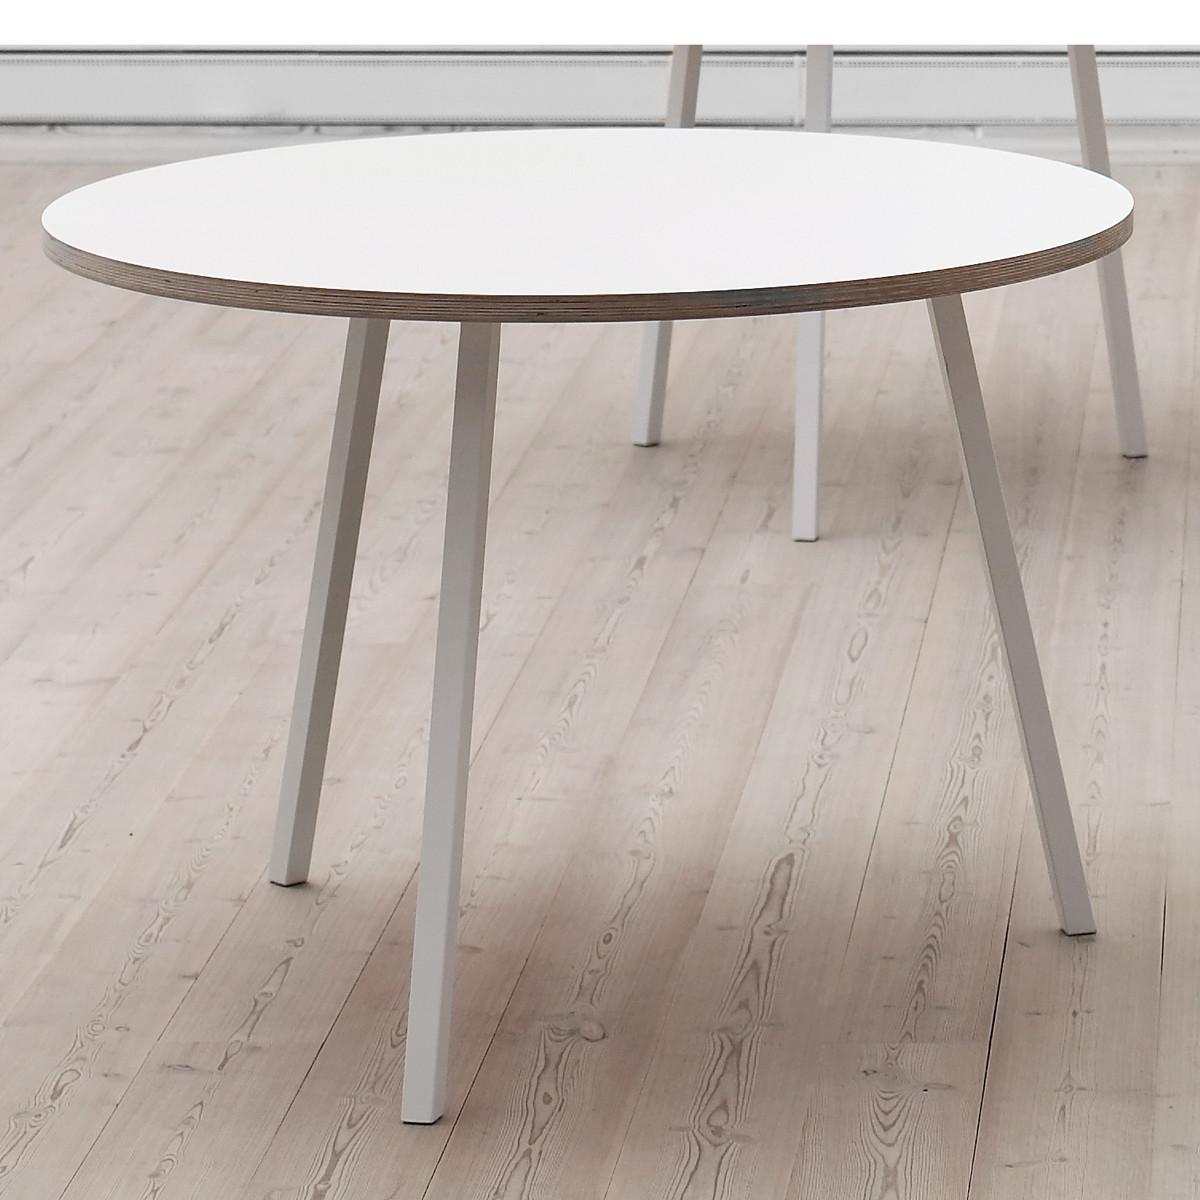 Esstisch weiß rund design  Loop Stand Tisch rund von Hay im Shop